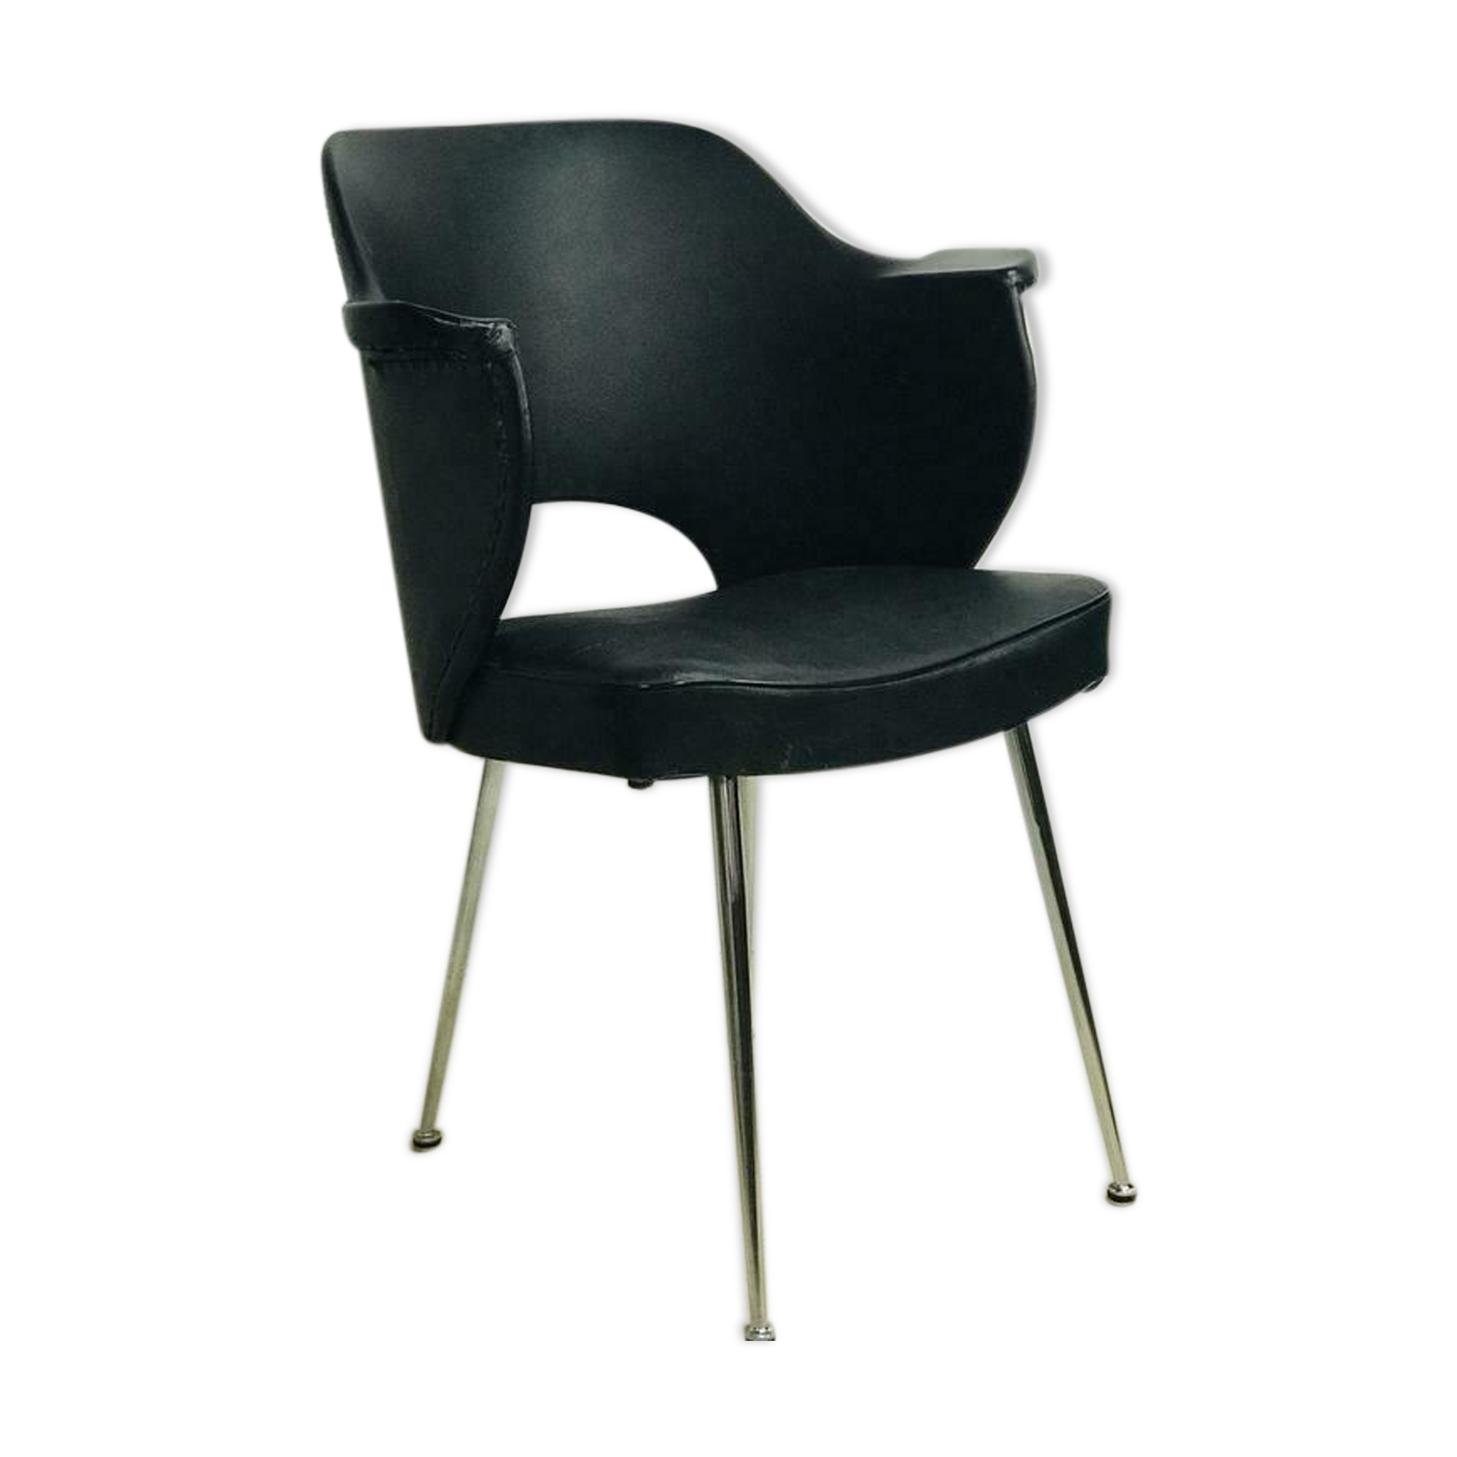 Chaise vintage / chaise de bureau chaise de salle à manger rétro